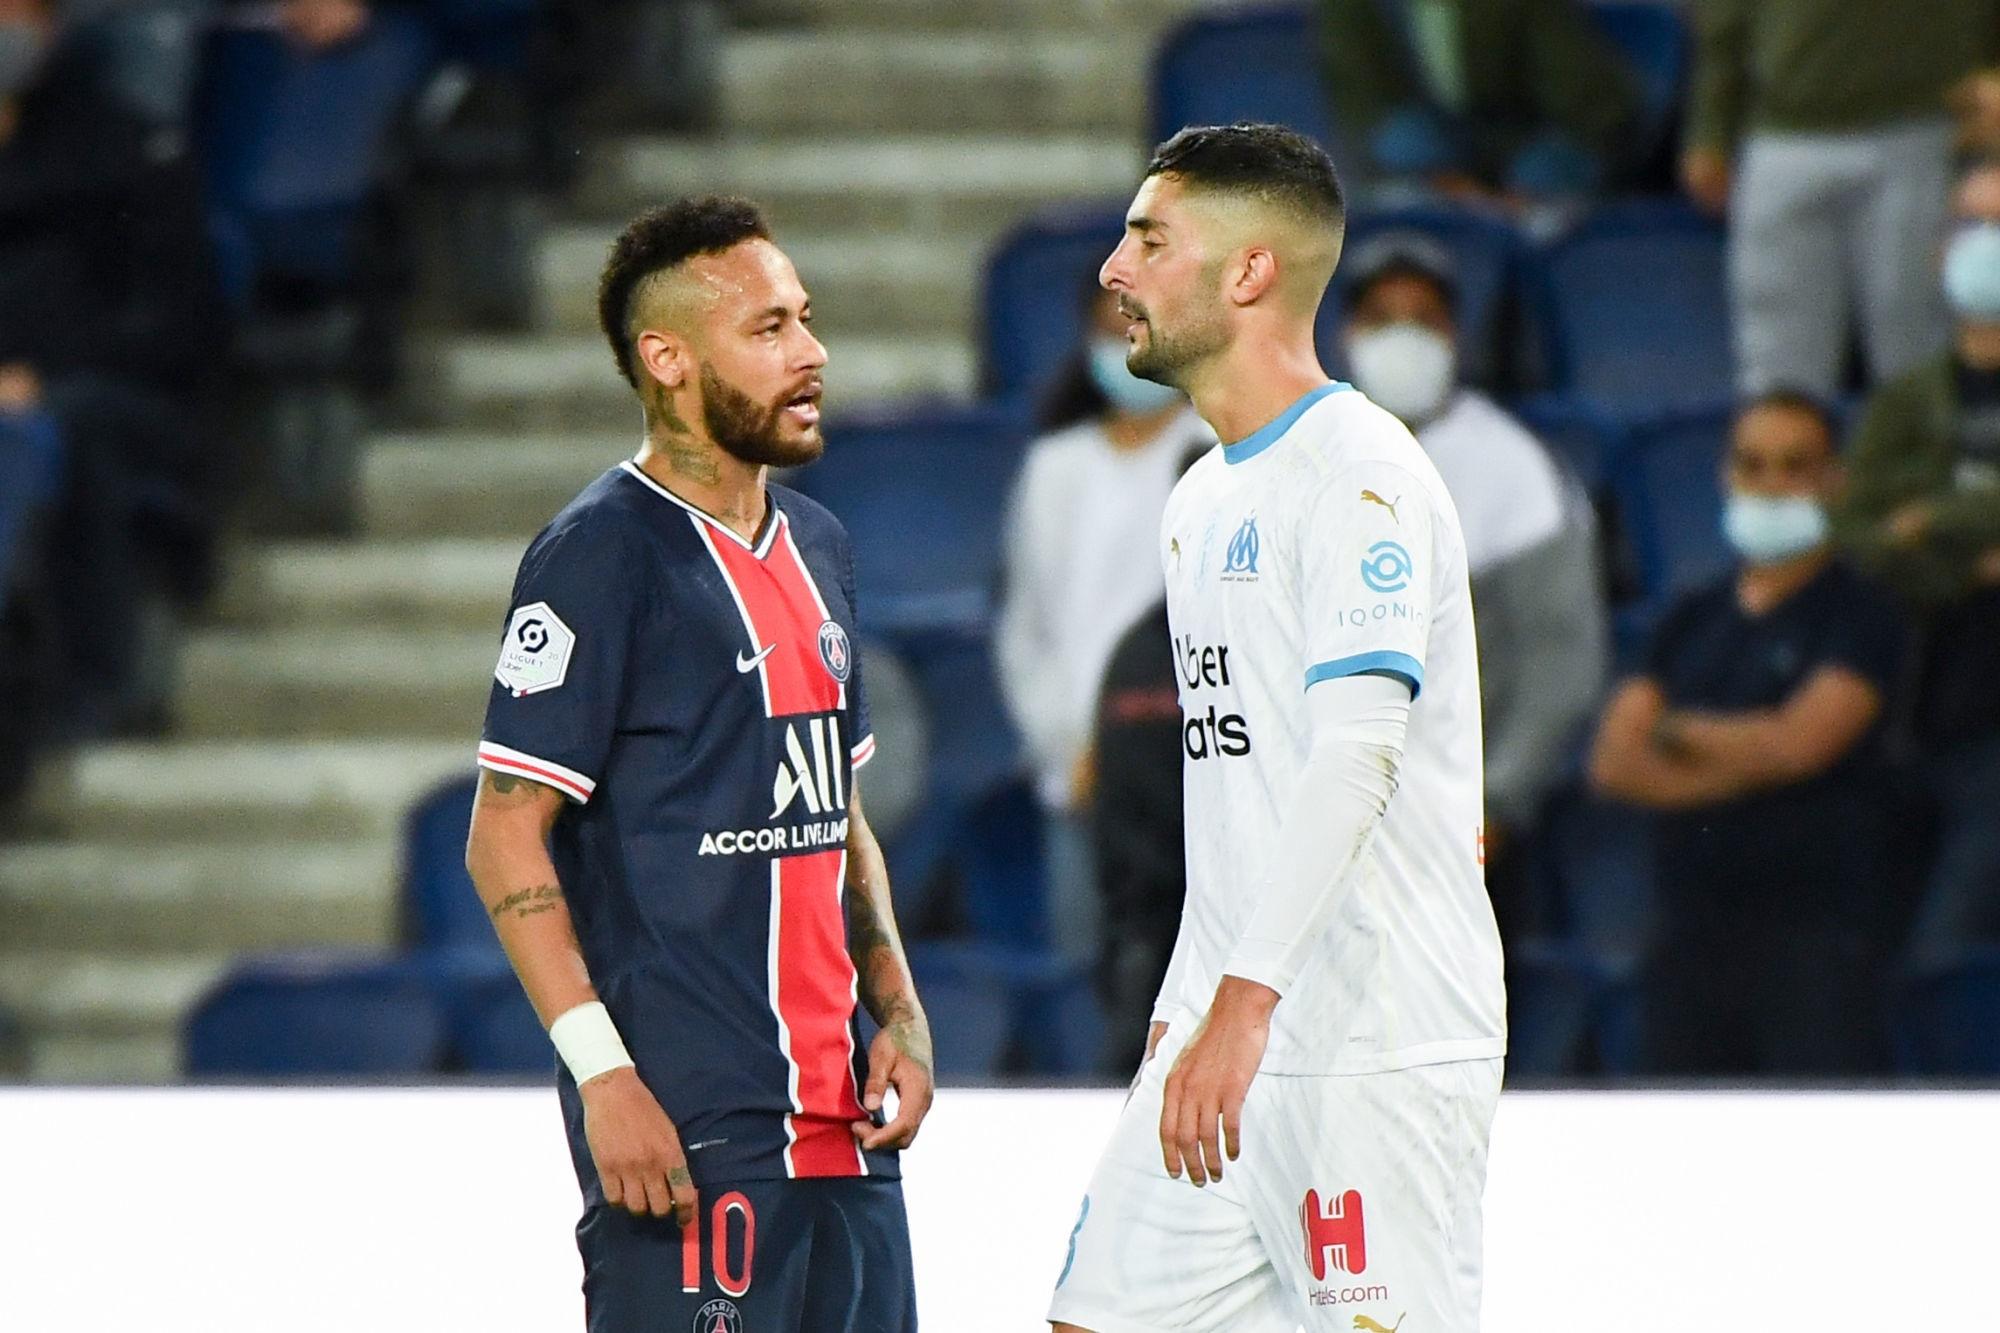 Alvaro Gonzalez ne va finalement pas porter plainte contre Neymar, indique Eyraud